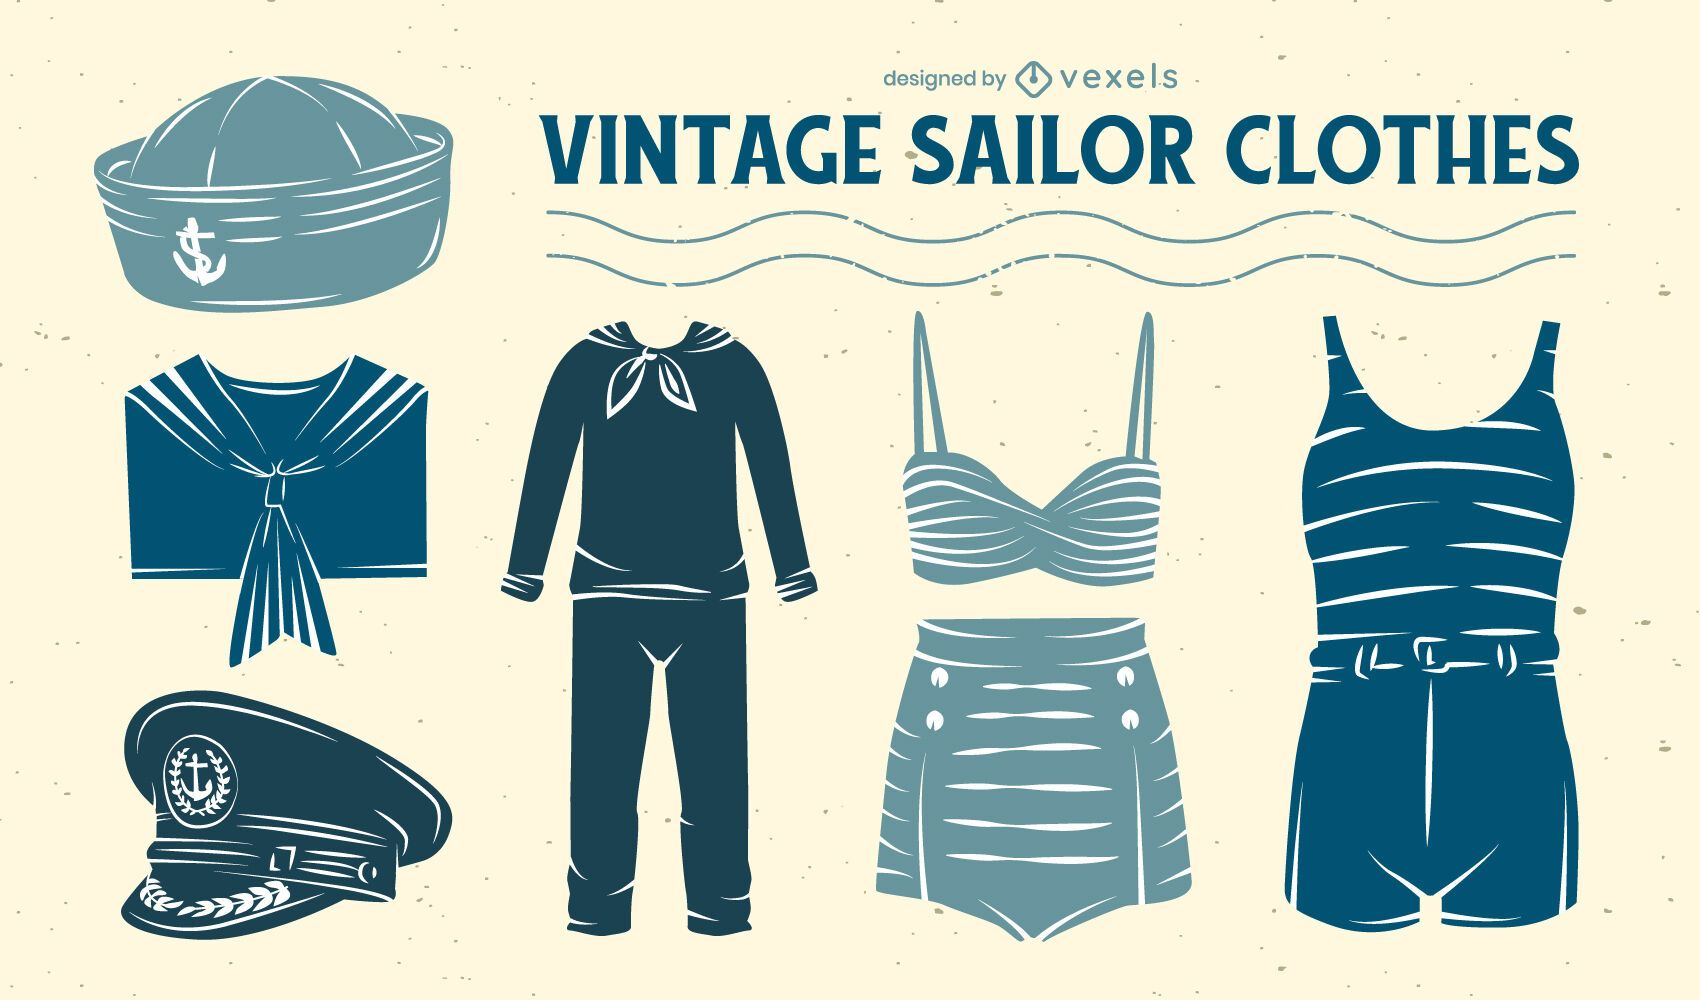 Conjunto de ropa de uniforme de marinero estilo vintage